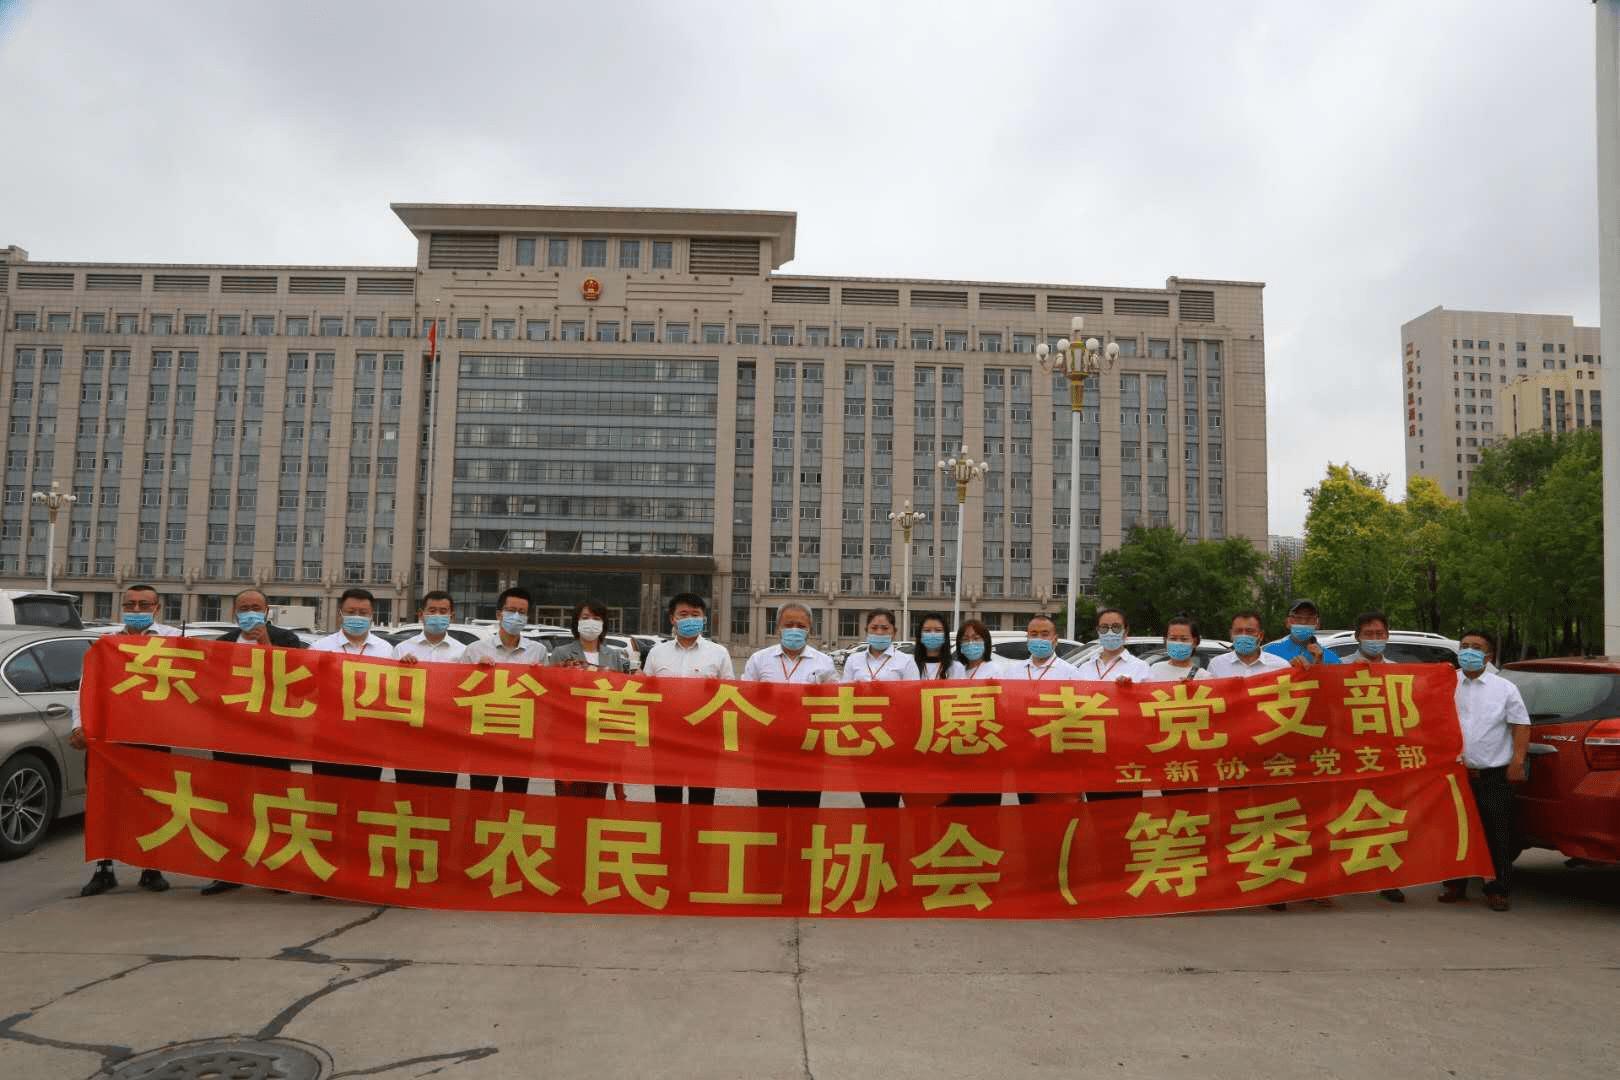 庆祝建党99周年 -慰问小分队走访慰问老党员